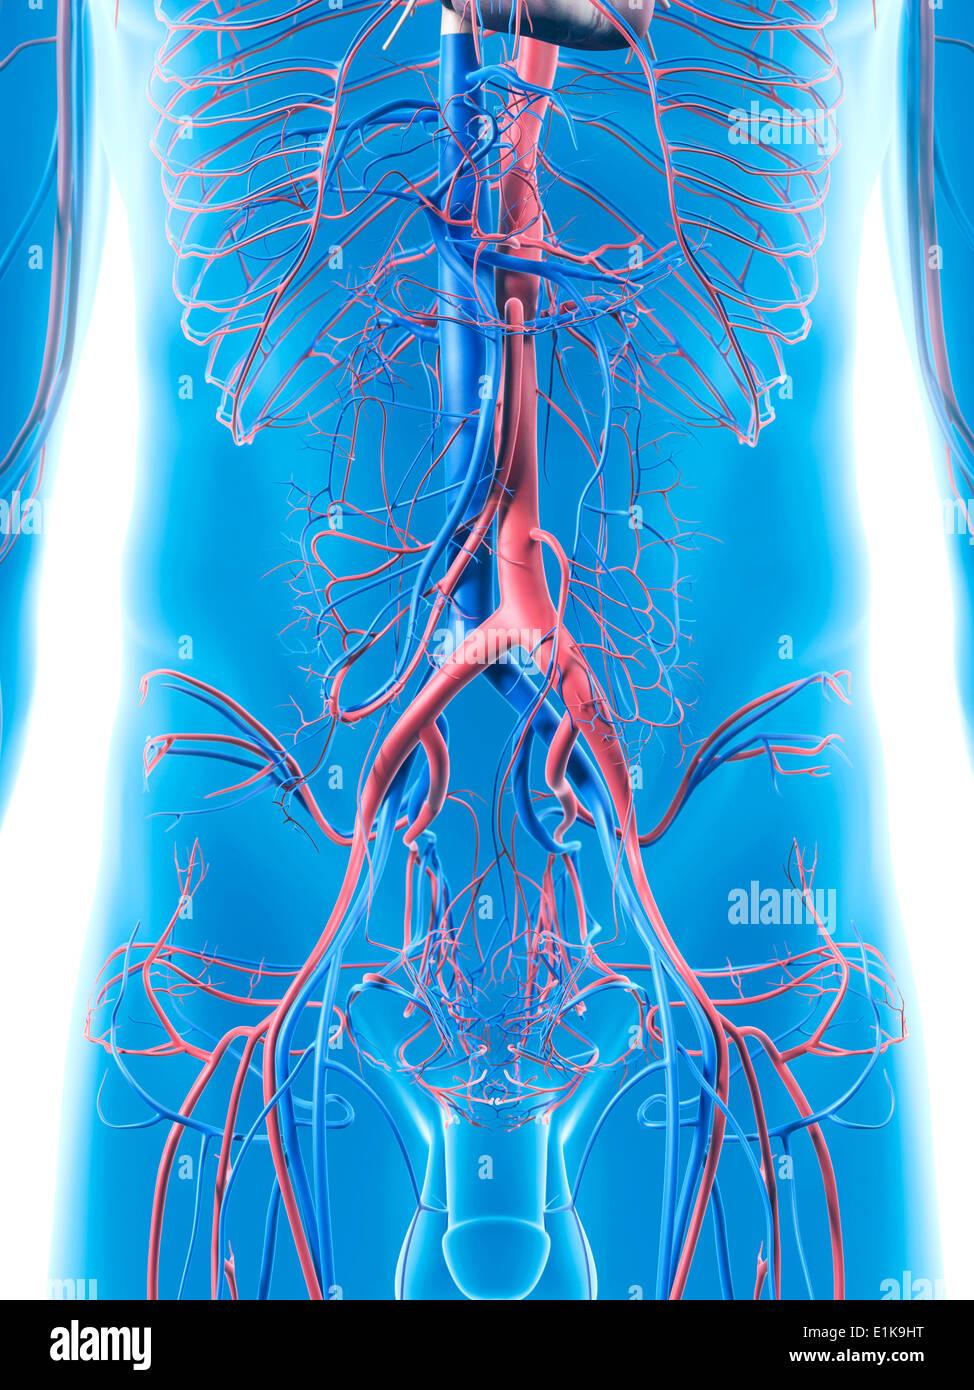 Menschlichen Bauch Blutgefäße Computer Artwork Stockfoto, Bild ...